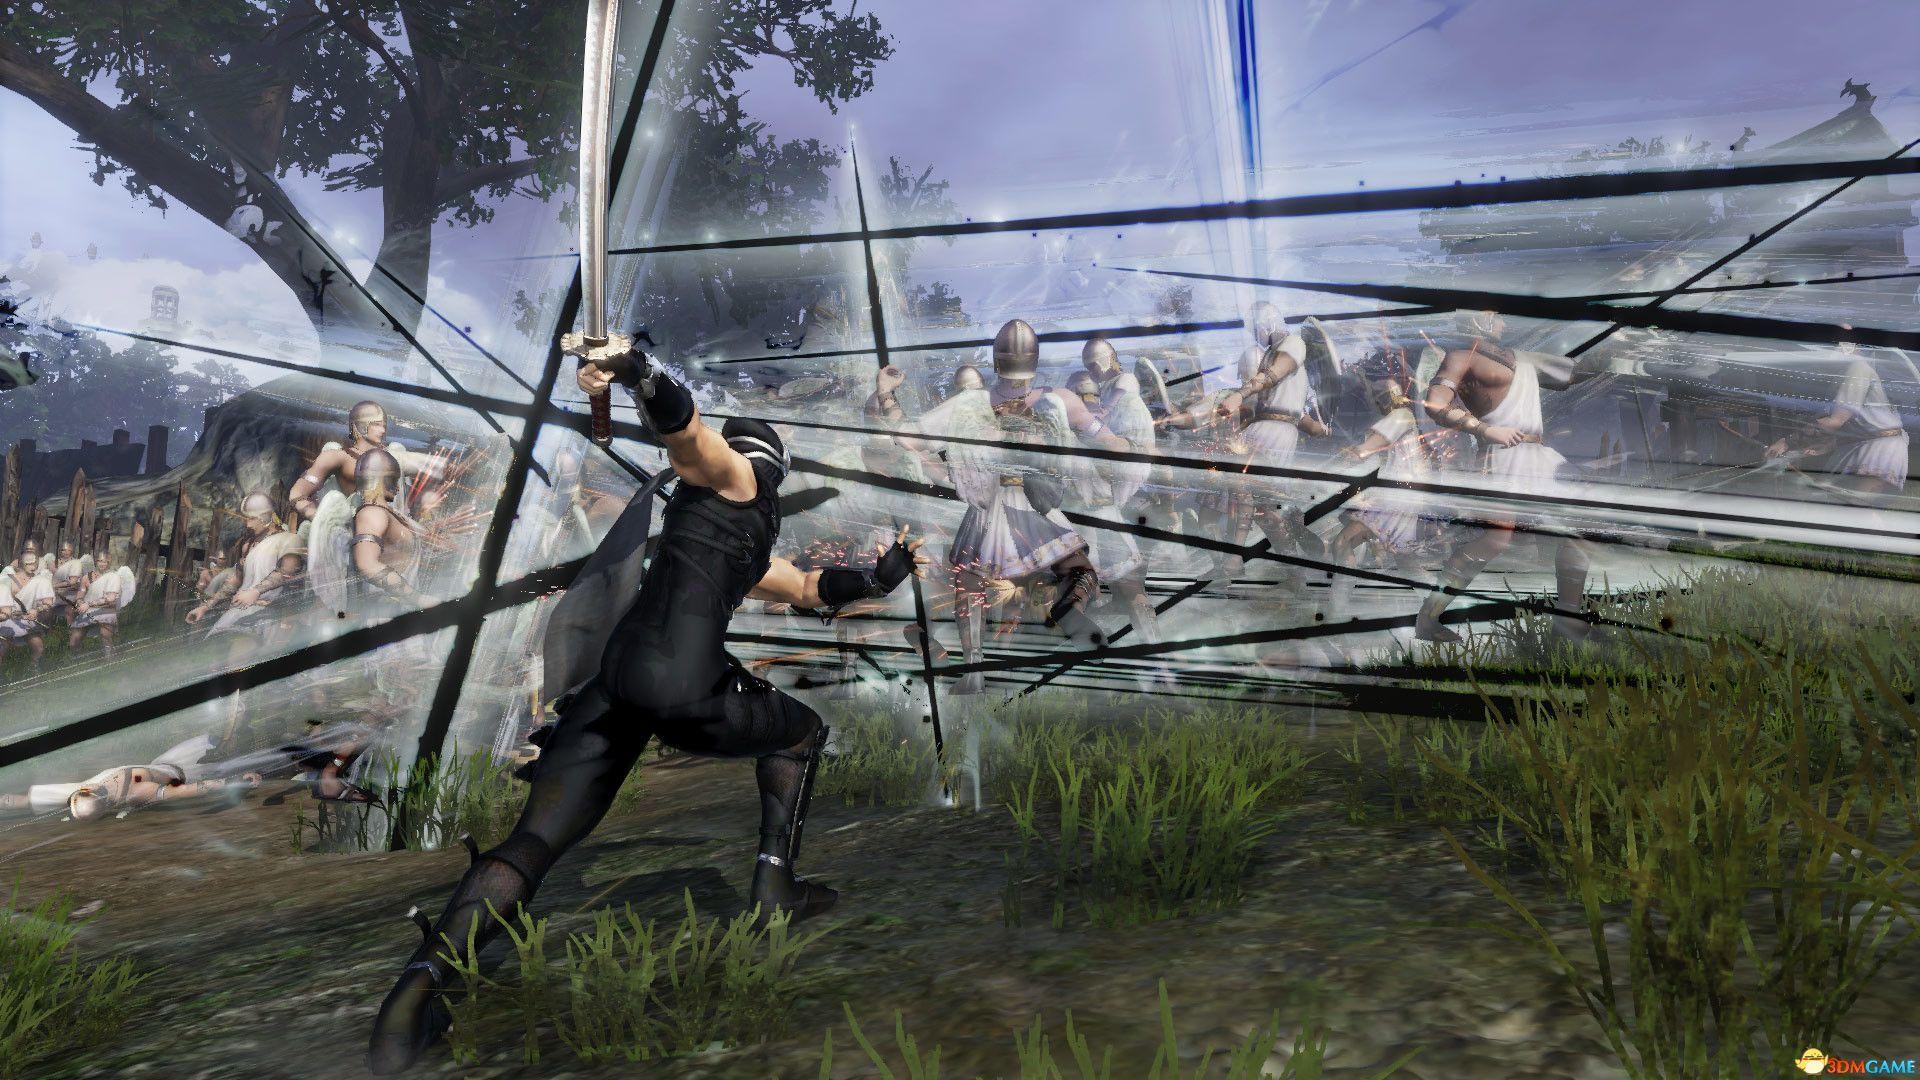 《无双大蛇3:终极版》新增内容攻略一览 新人物解锁方法及玩法模式详解